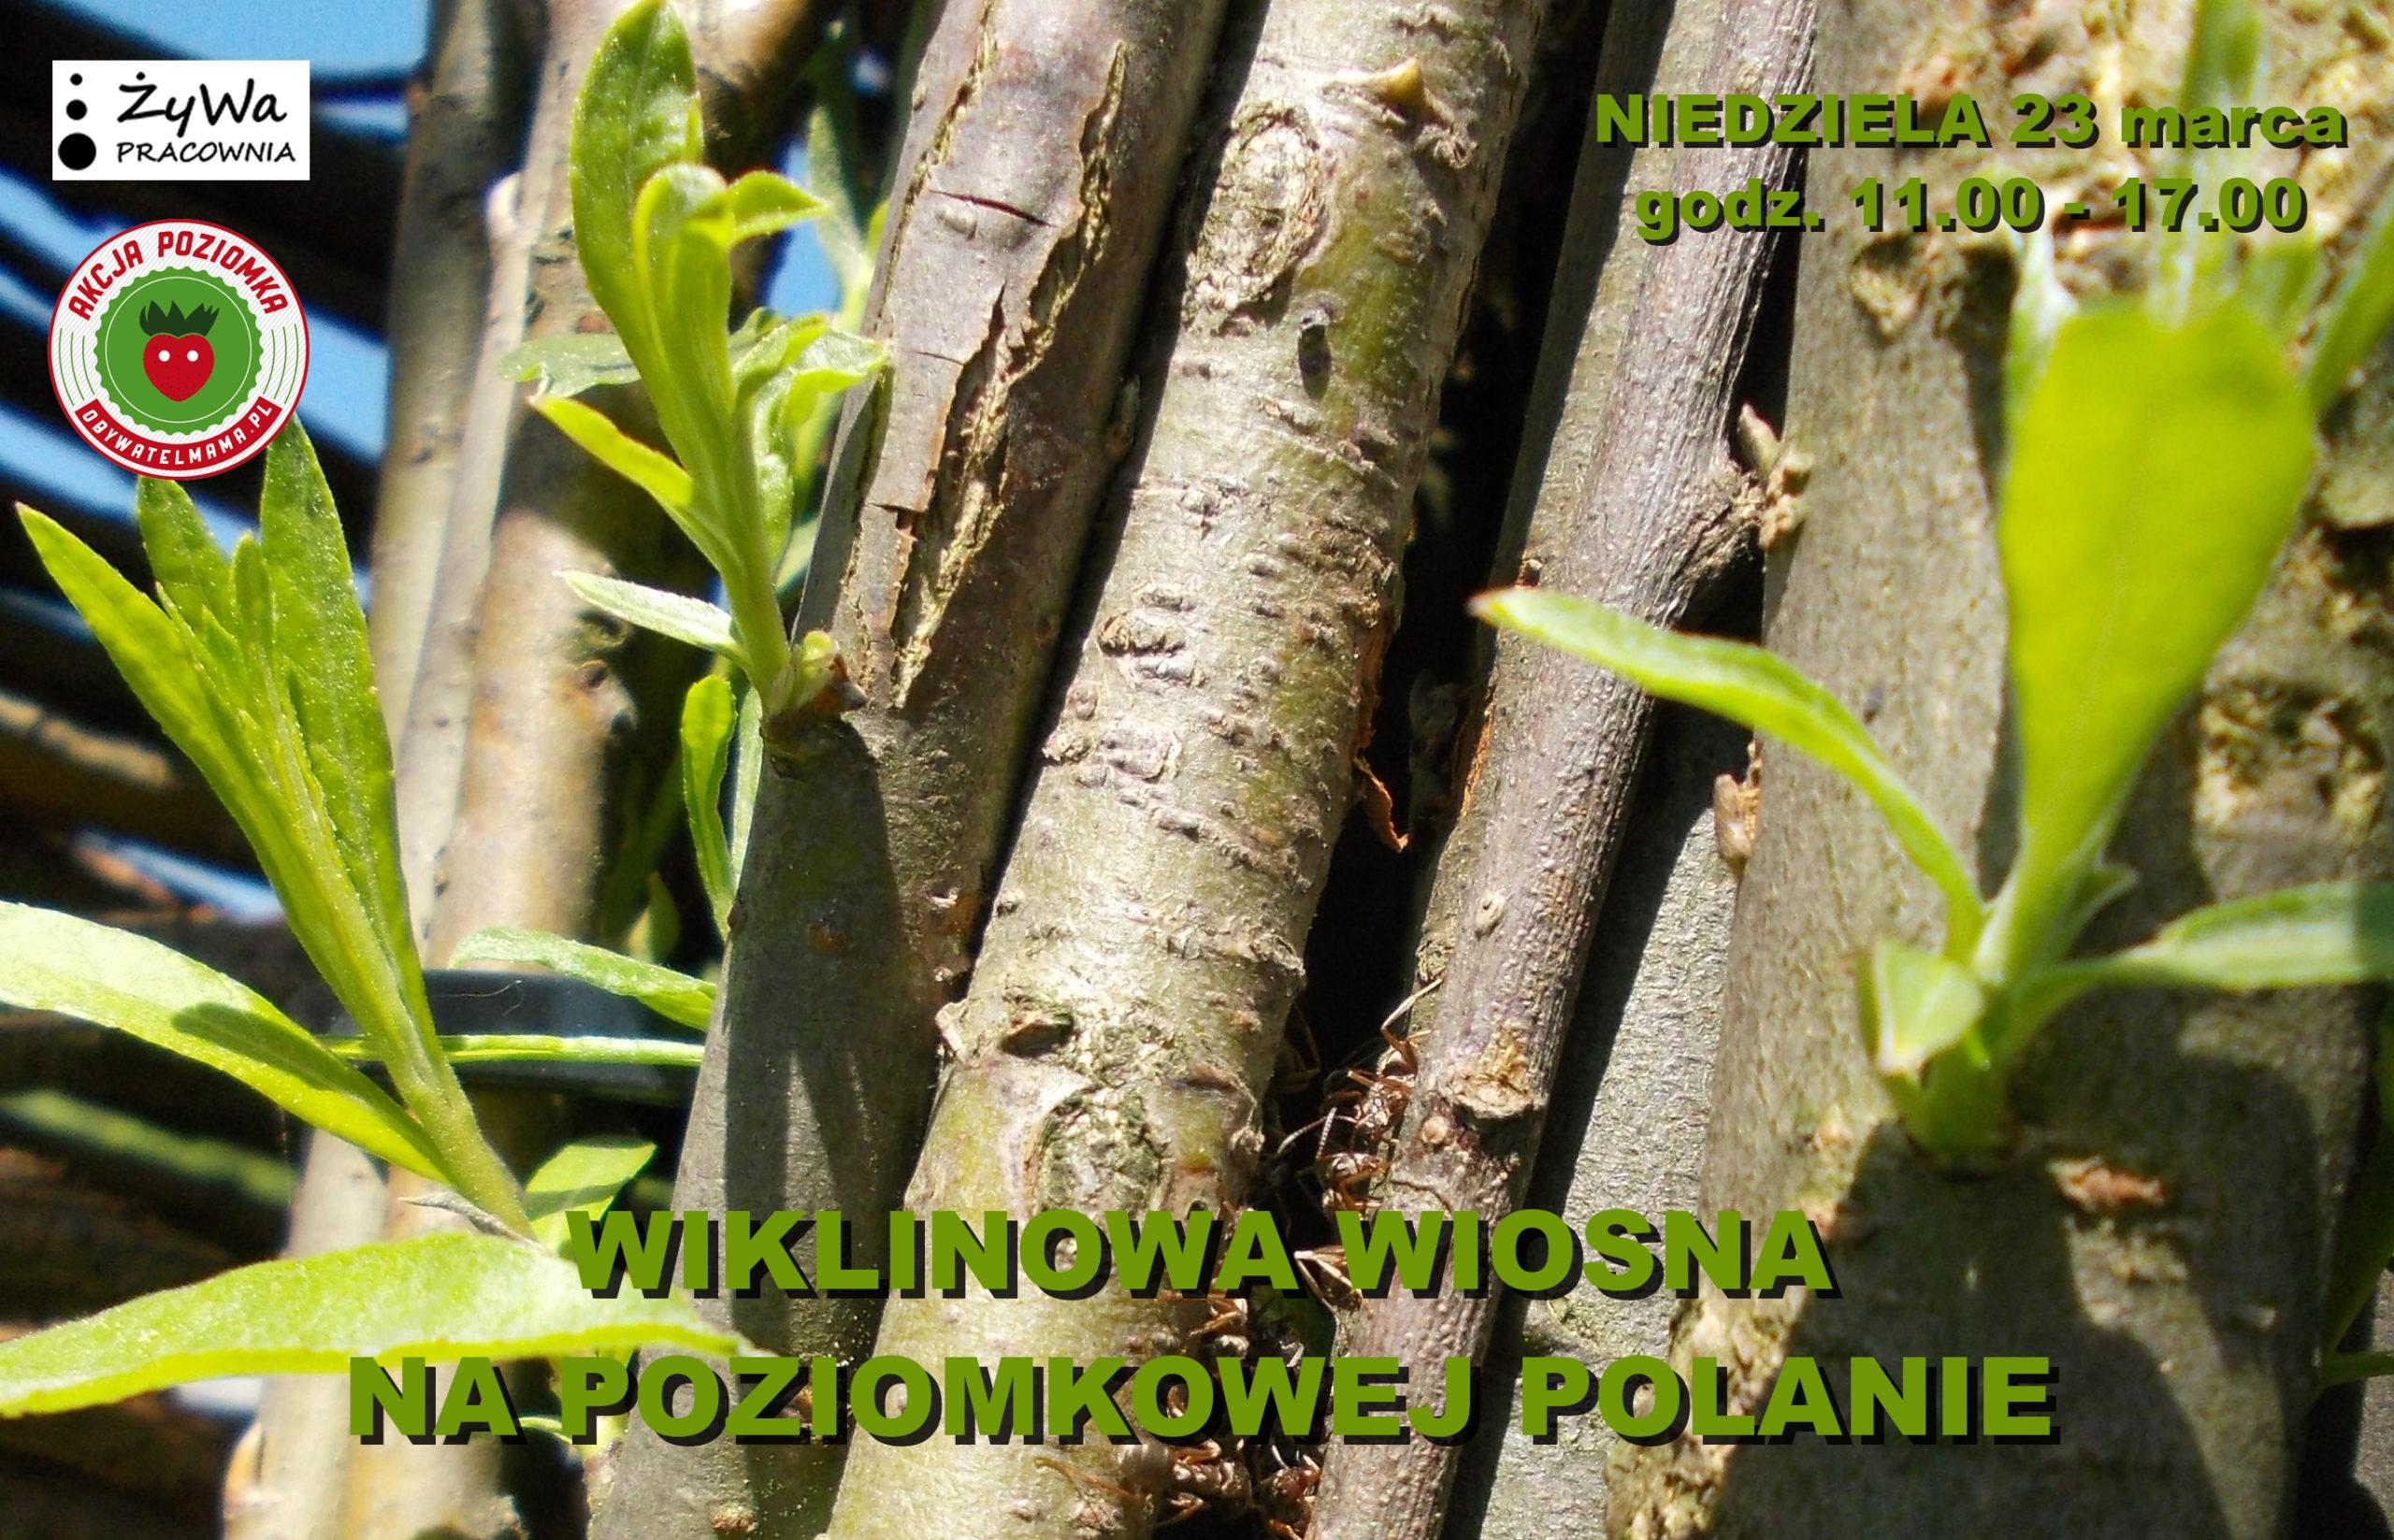 wiklinowa wiosna na poziomkowej polanie_23 marca